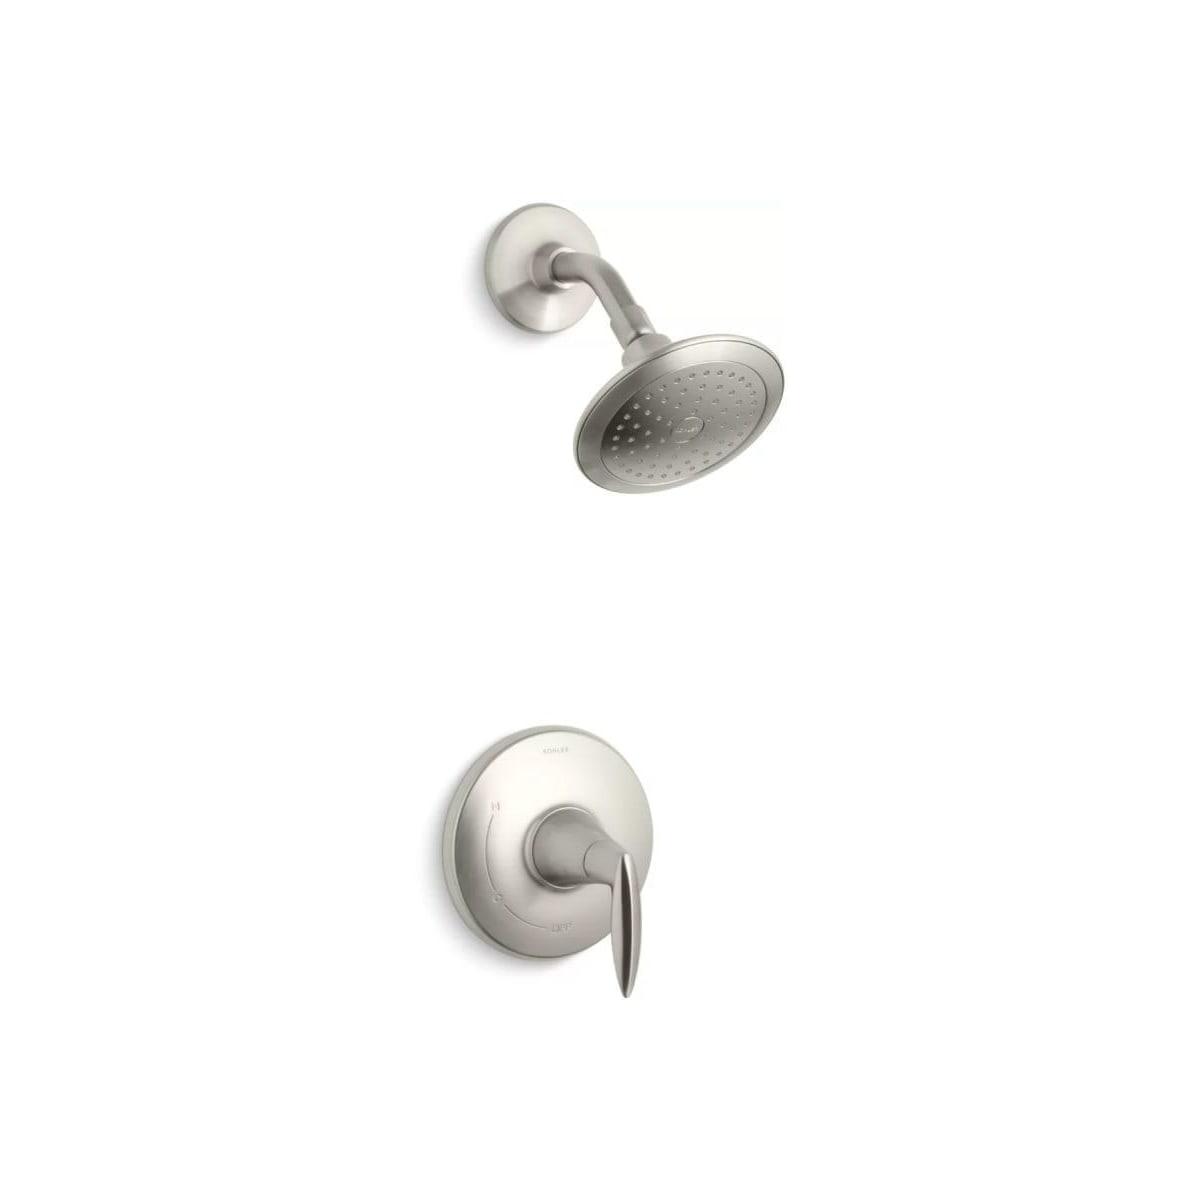 Less Showerhead Vibrant Brushed Nickel Trim Repair Kits